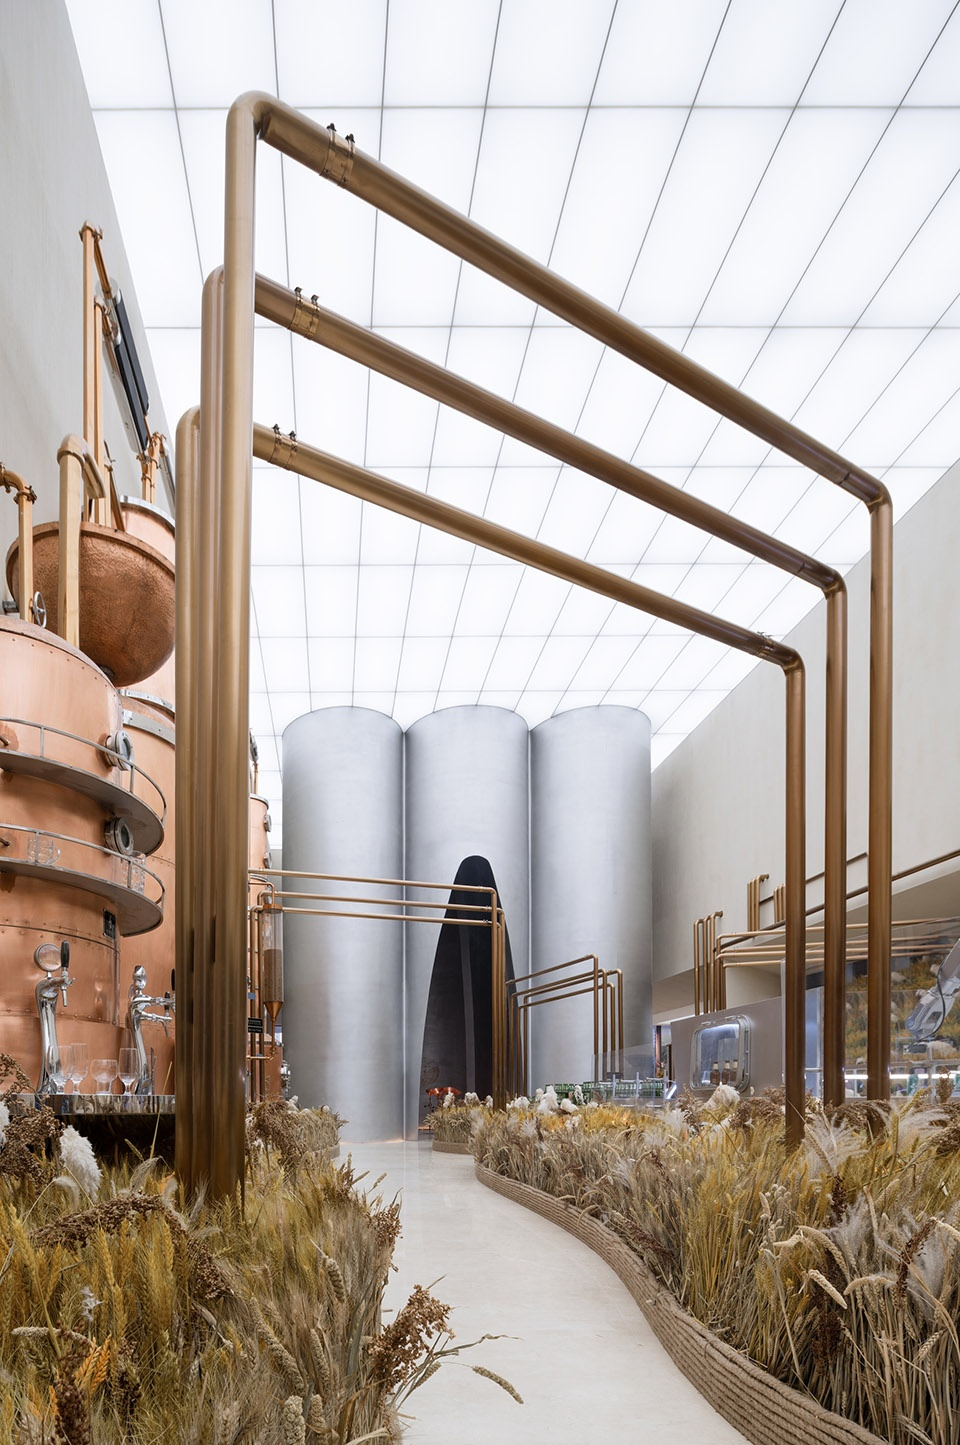 029-the-flow-of-grain-beer-museum-by-waterfrom-design-960x1445.jpg